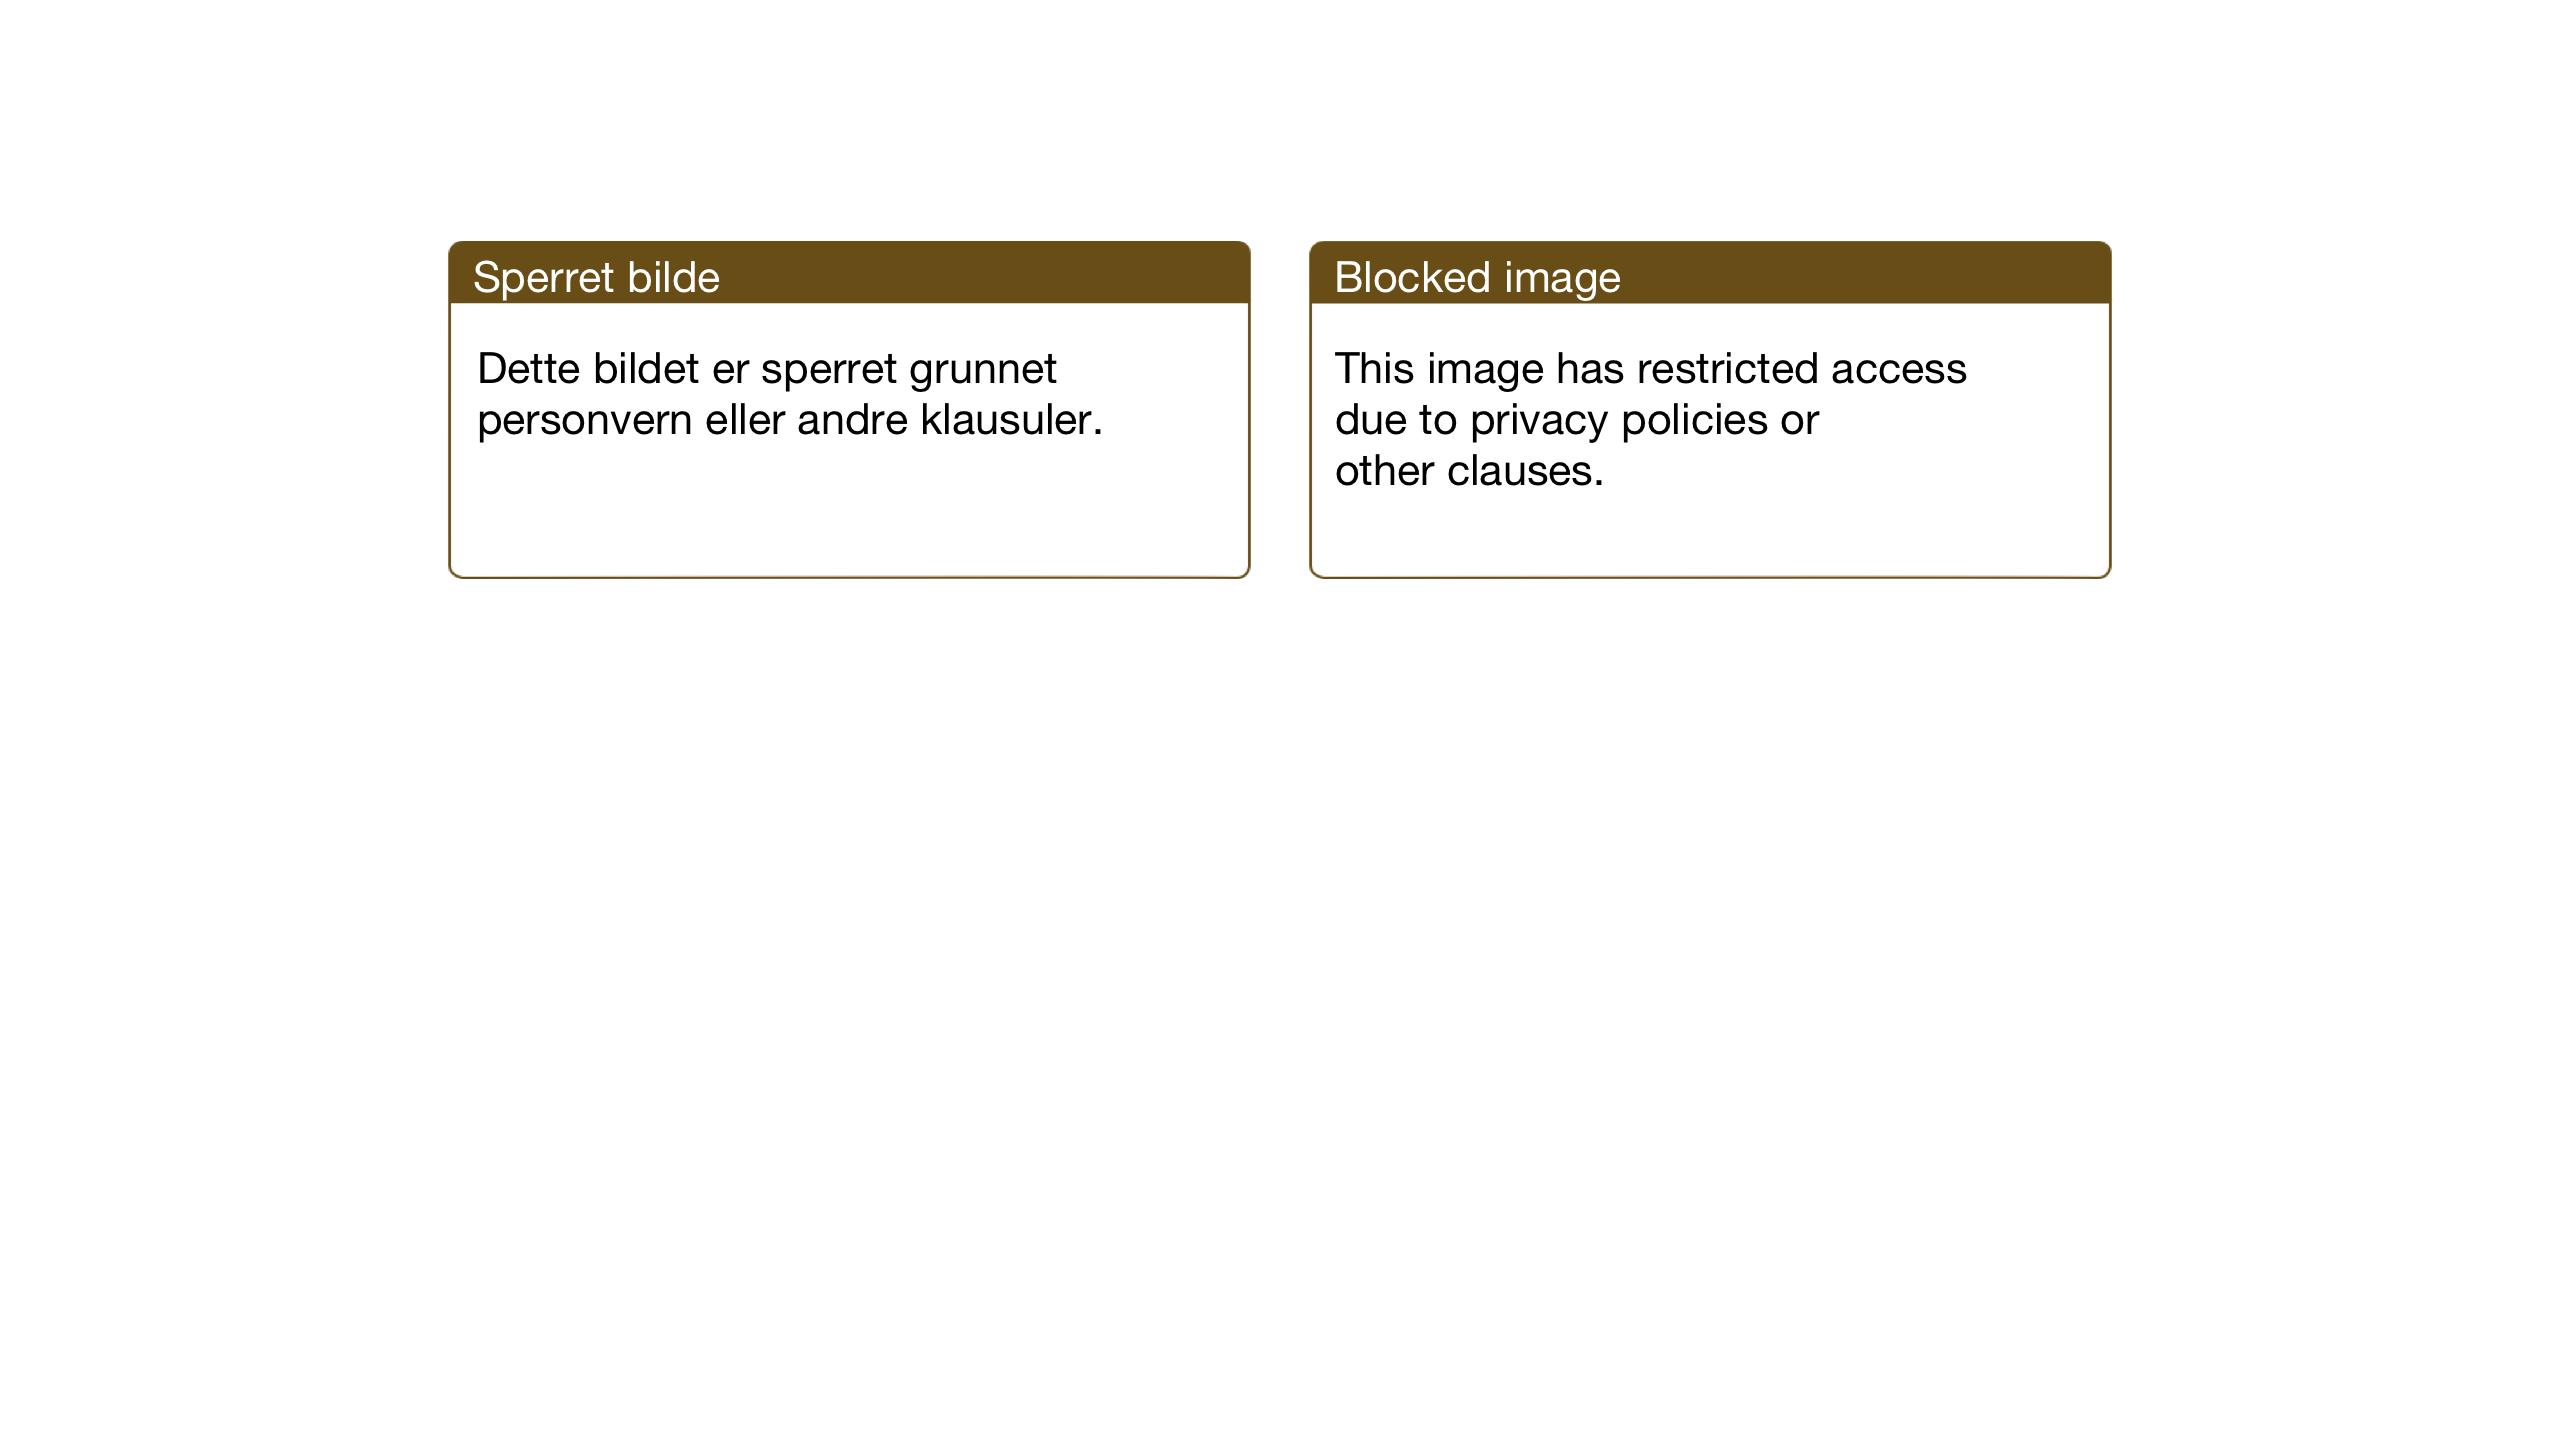 SAT, Ministerialprotokoller, klokkerbøker og fødselsregistre - Sør-Trøndelag, 611/L0358: Klokkerbok nr. 611C06, 1943-1946, s. 39